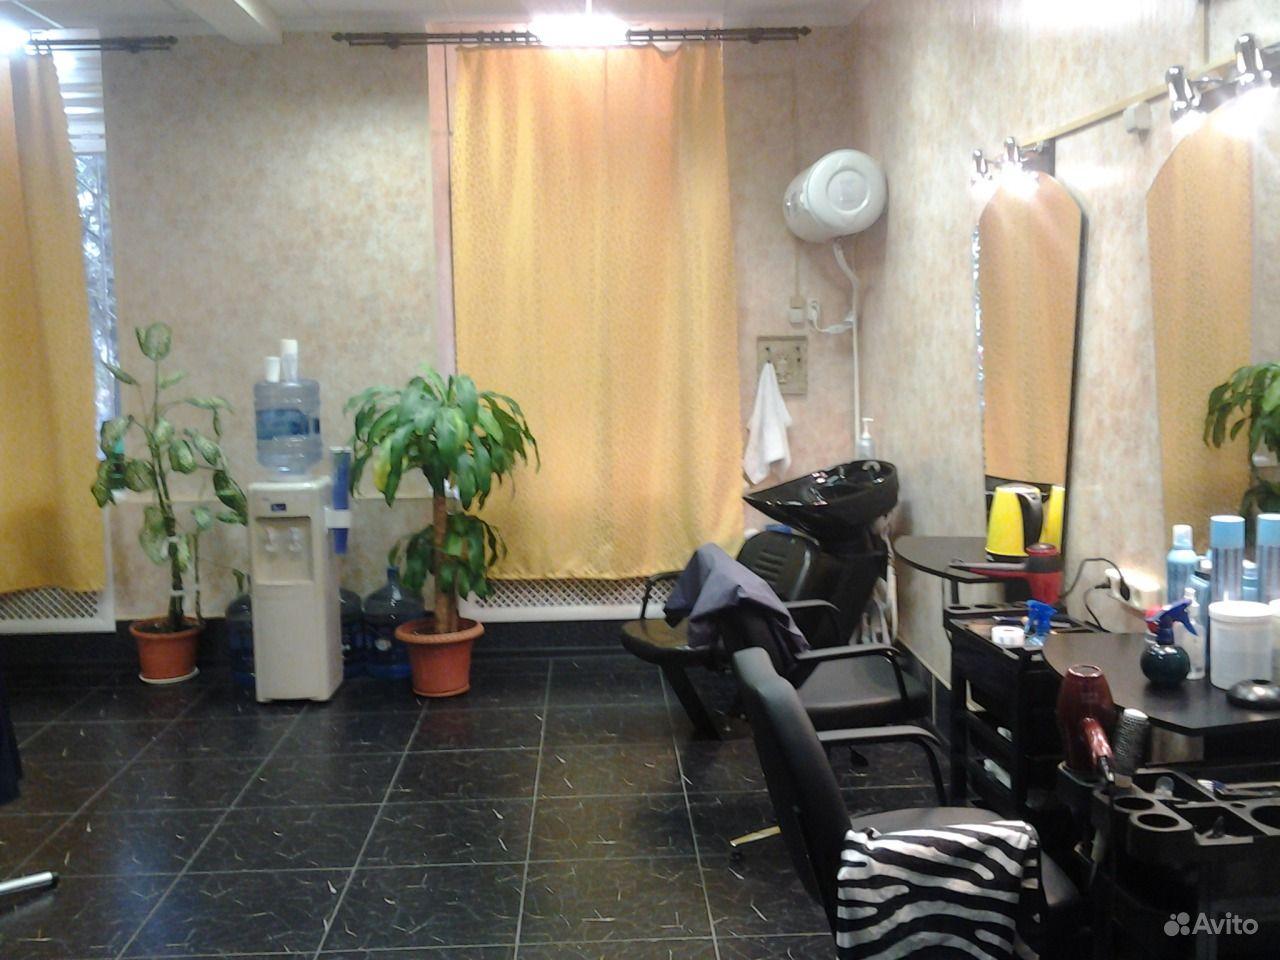 Работа парикмахер без опыта работы 3 фотография